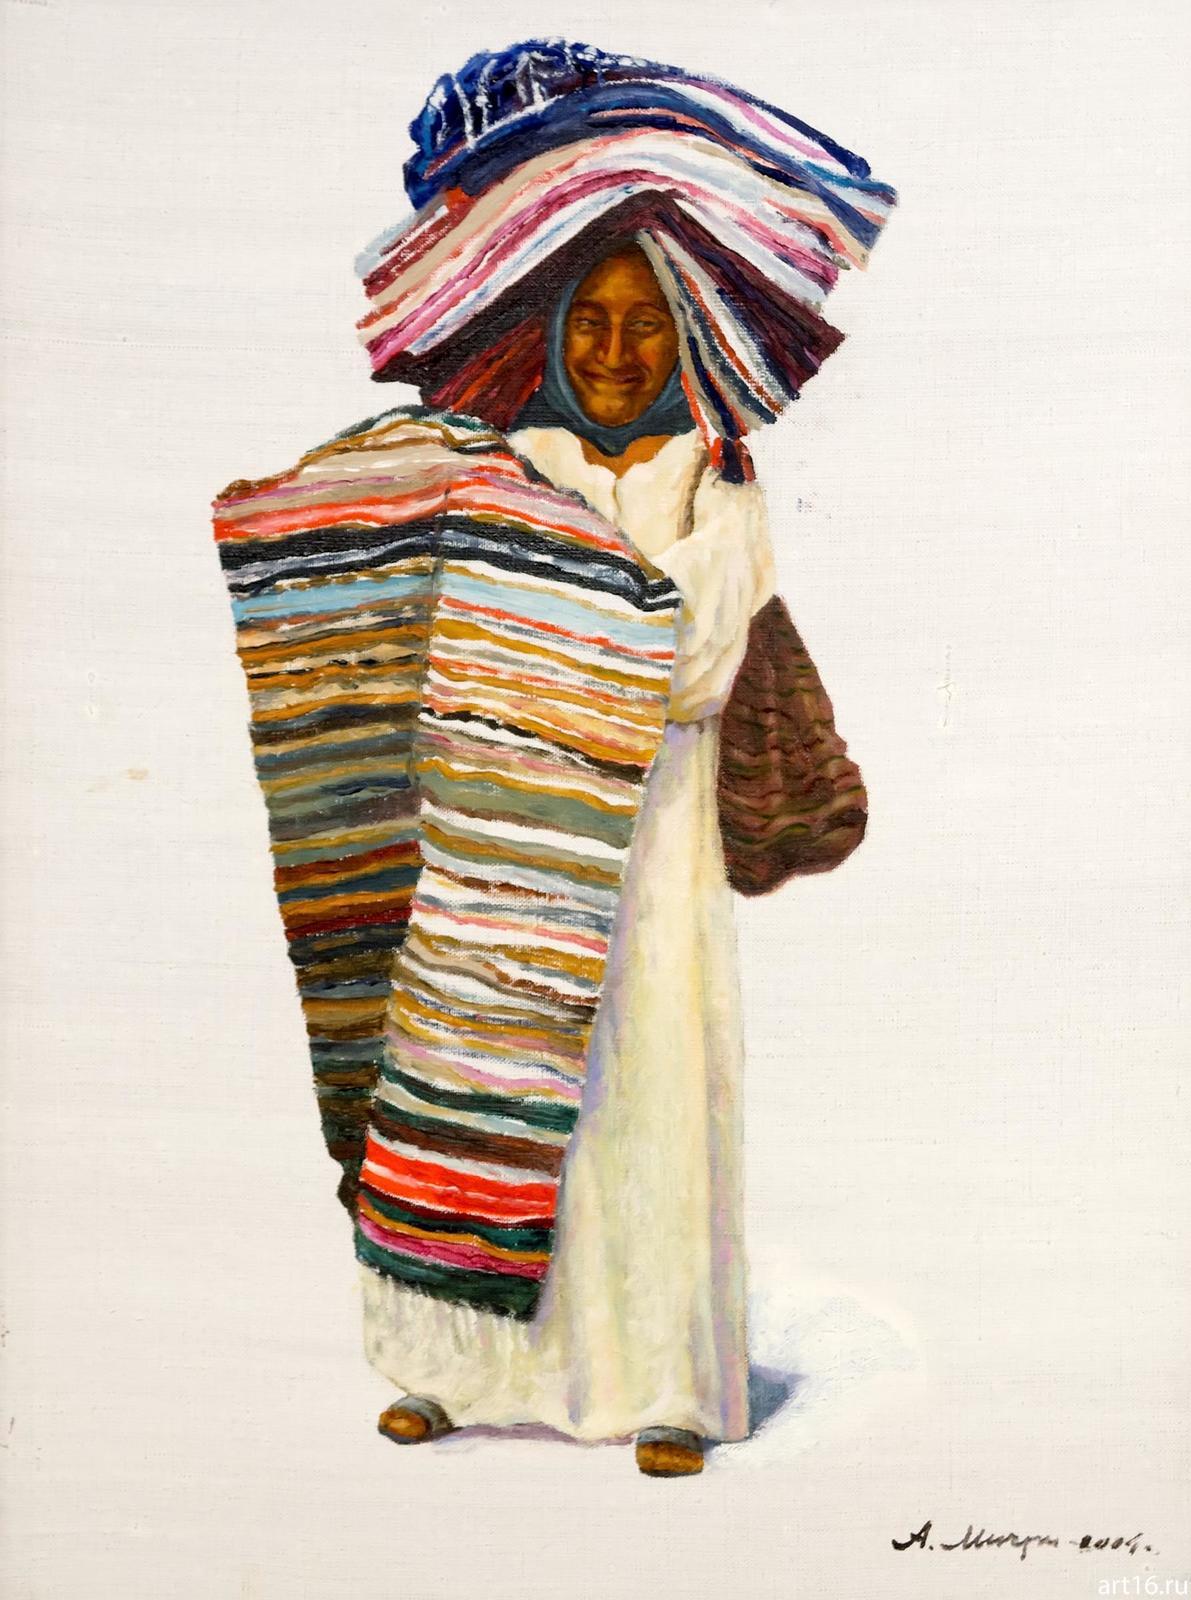 Фото №892962. Египтянка, торгующая коврами. 2004. Мичри А.И. 1934